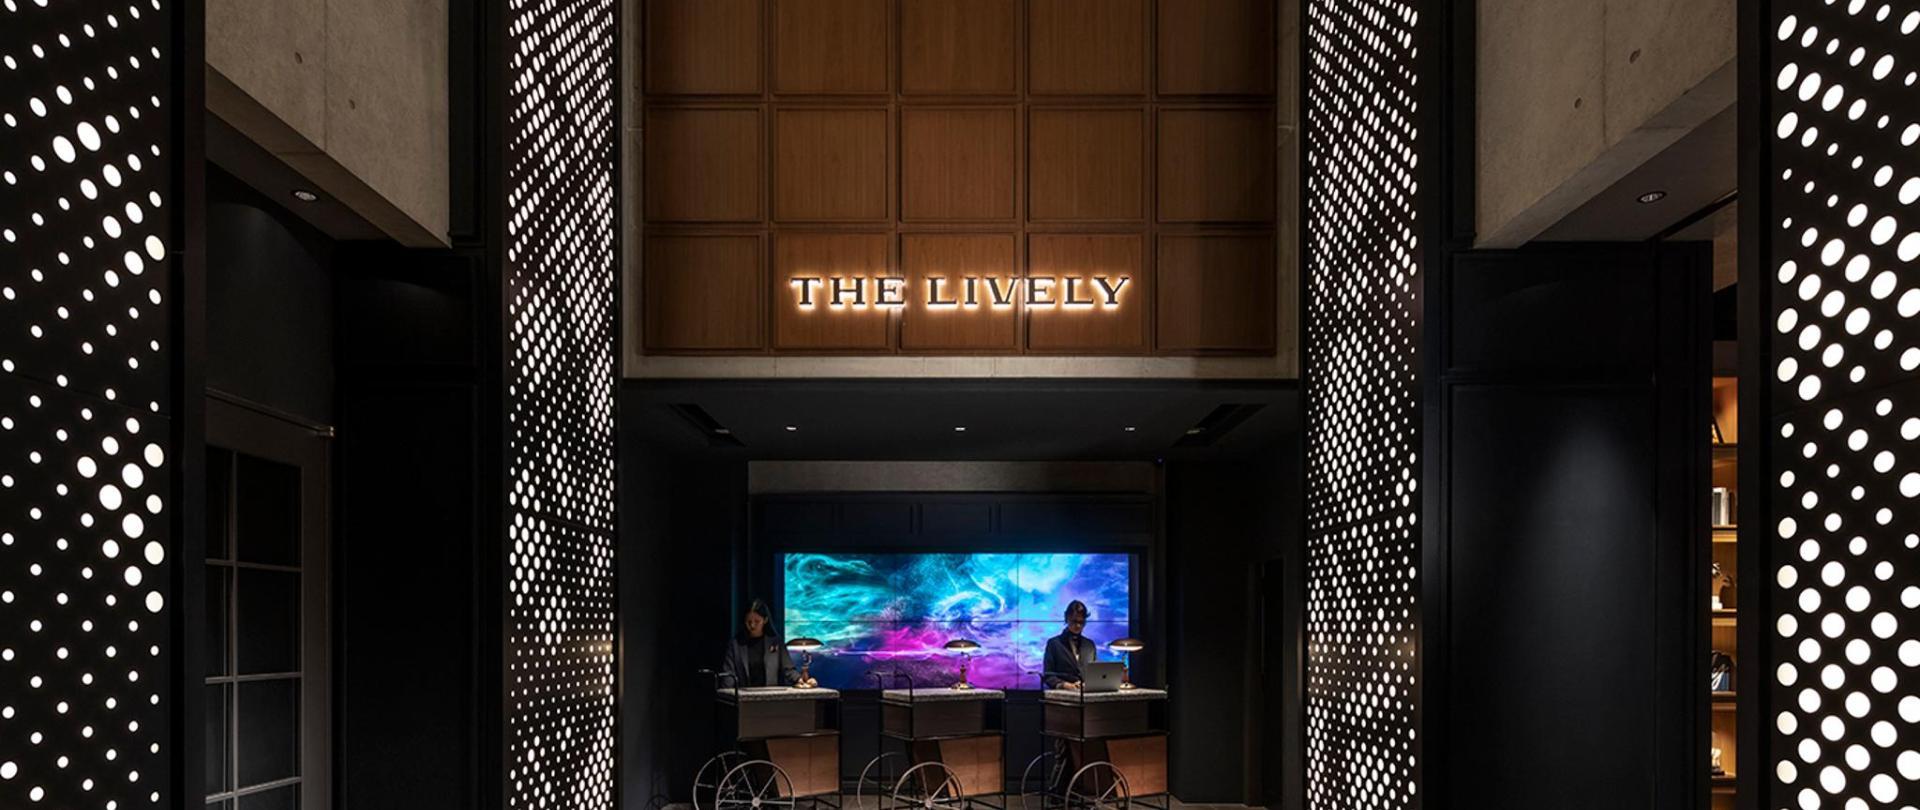 GA_the_lively_azabu_tokyo_2019_005.jpg